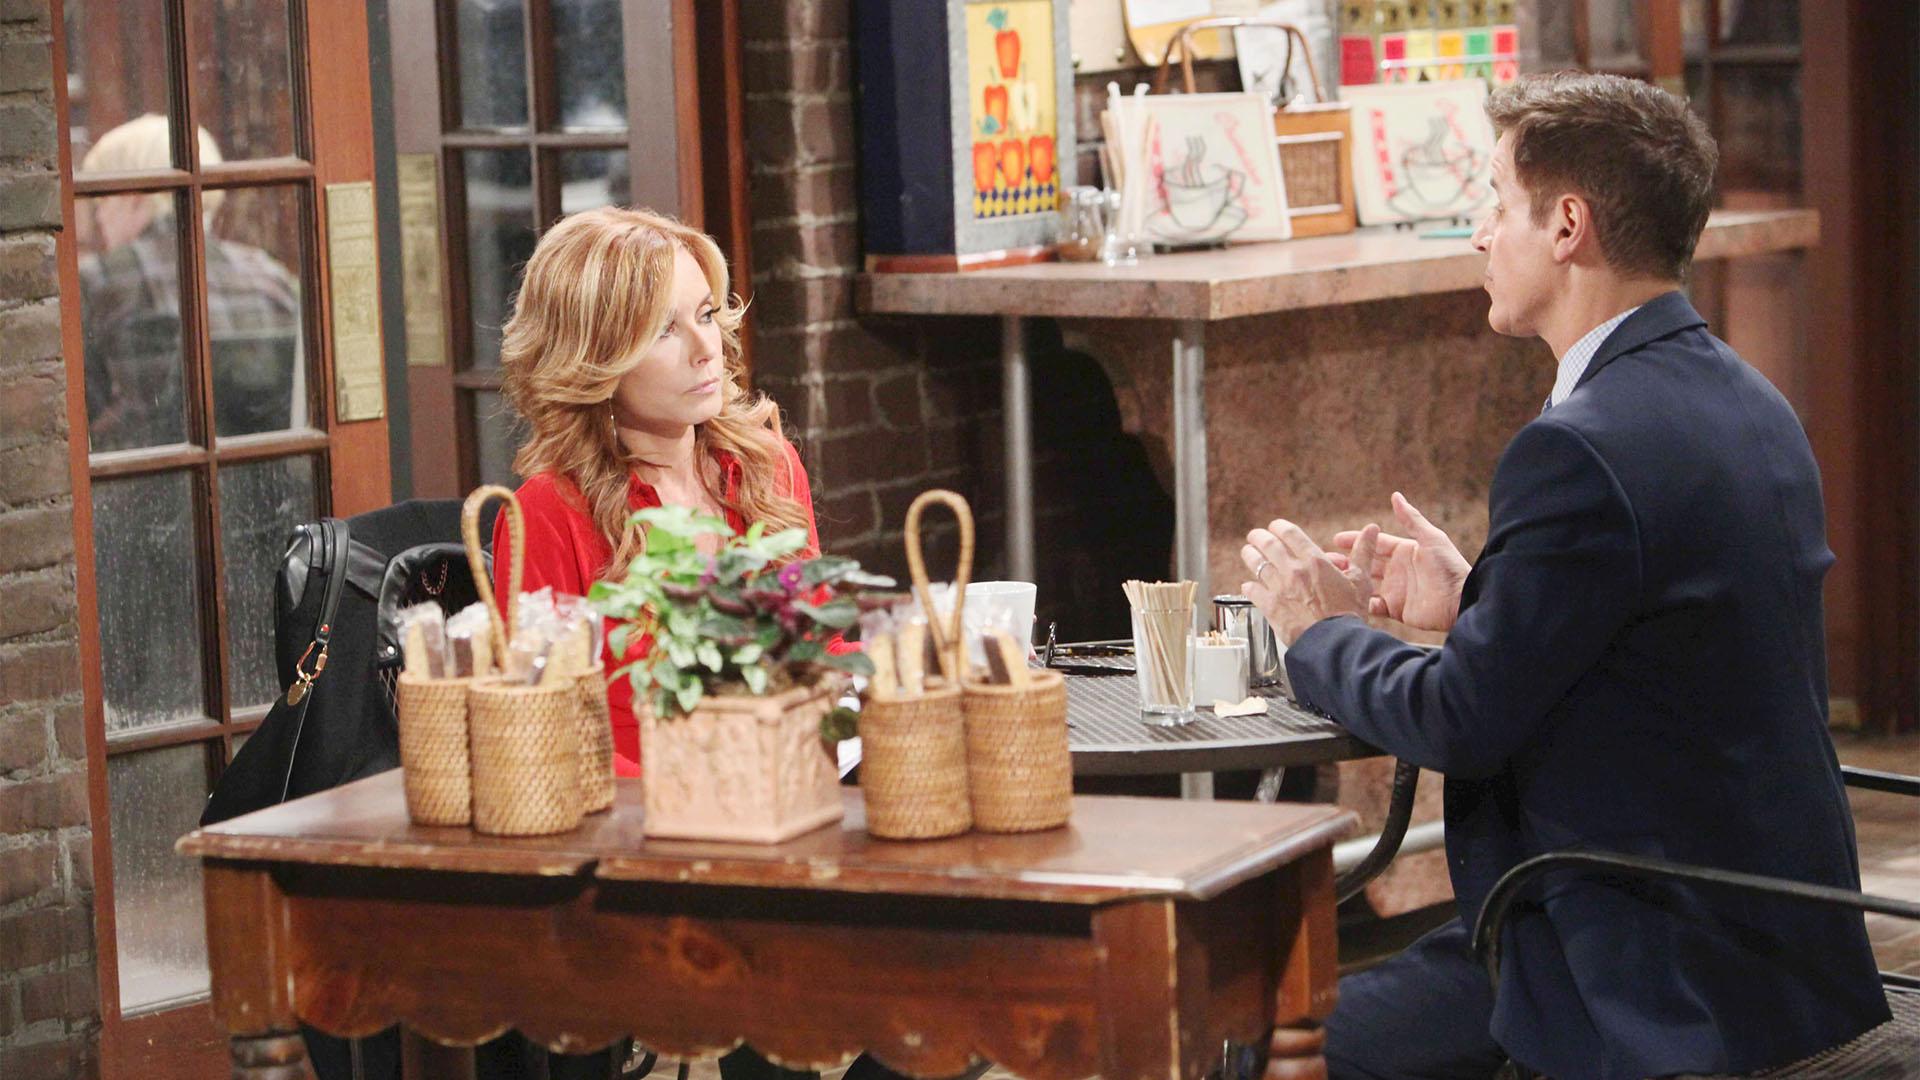 Lauren worries about Scott's safety.